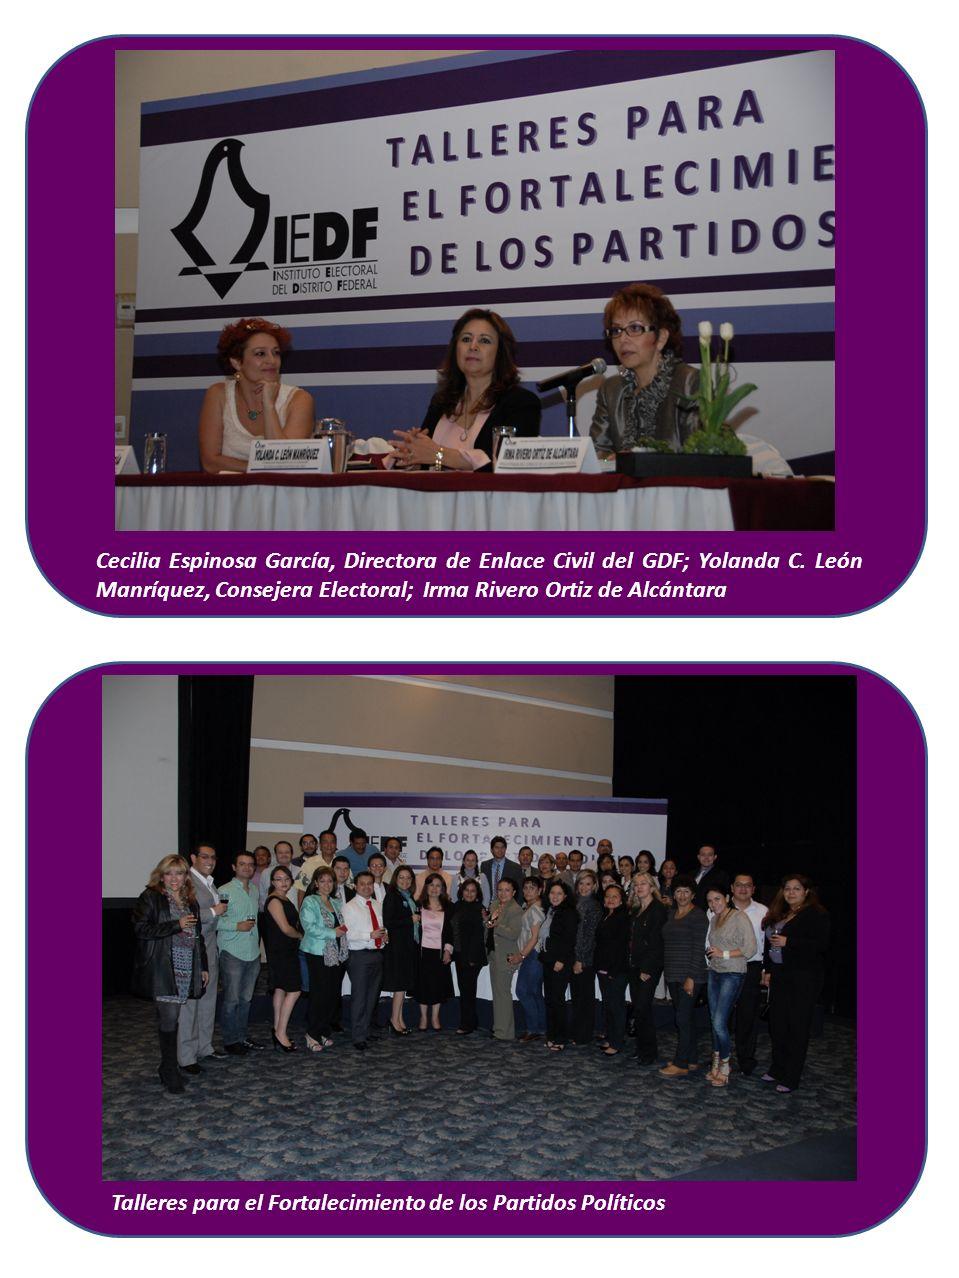 Cecilia Espinosa García, Directora de Enlace Civil del GDF; Yolanda C